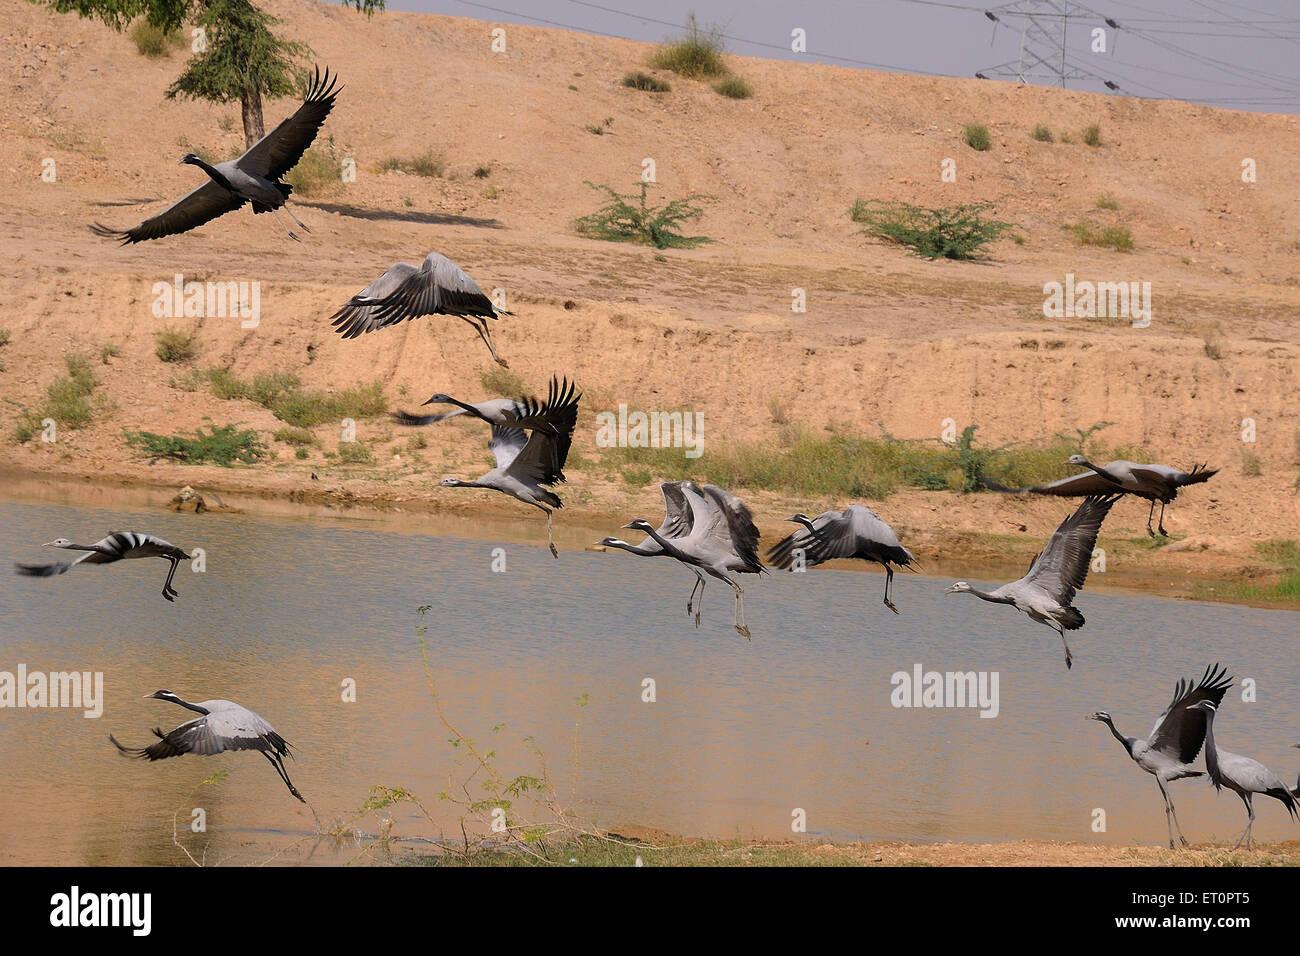 Vögel; Kraniche fliegen in der Nähe von Teich; Jodhpur; Rajasthan; Indien Stockbild